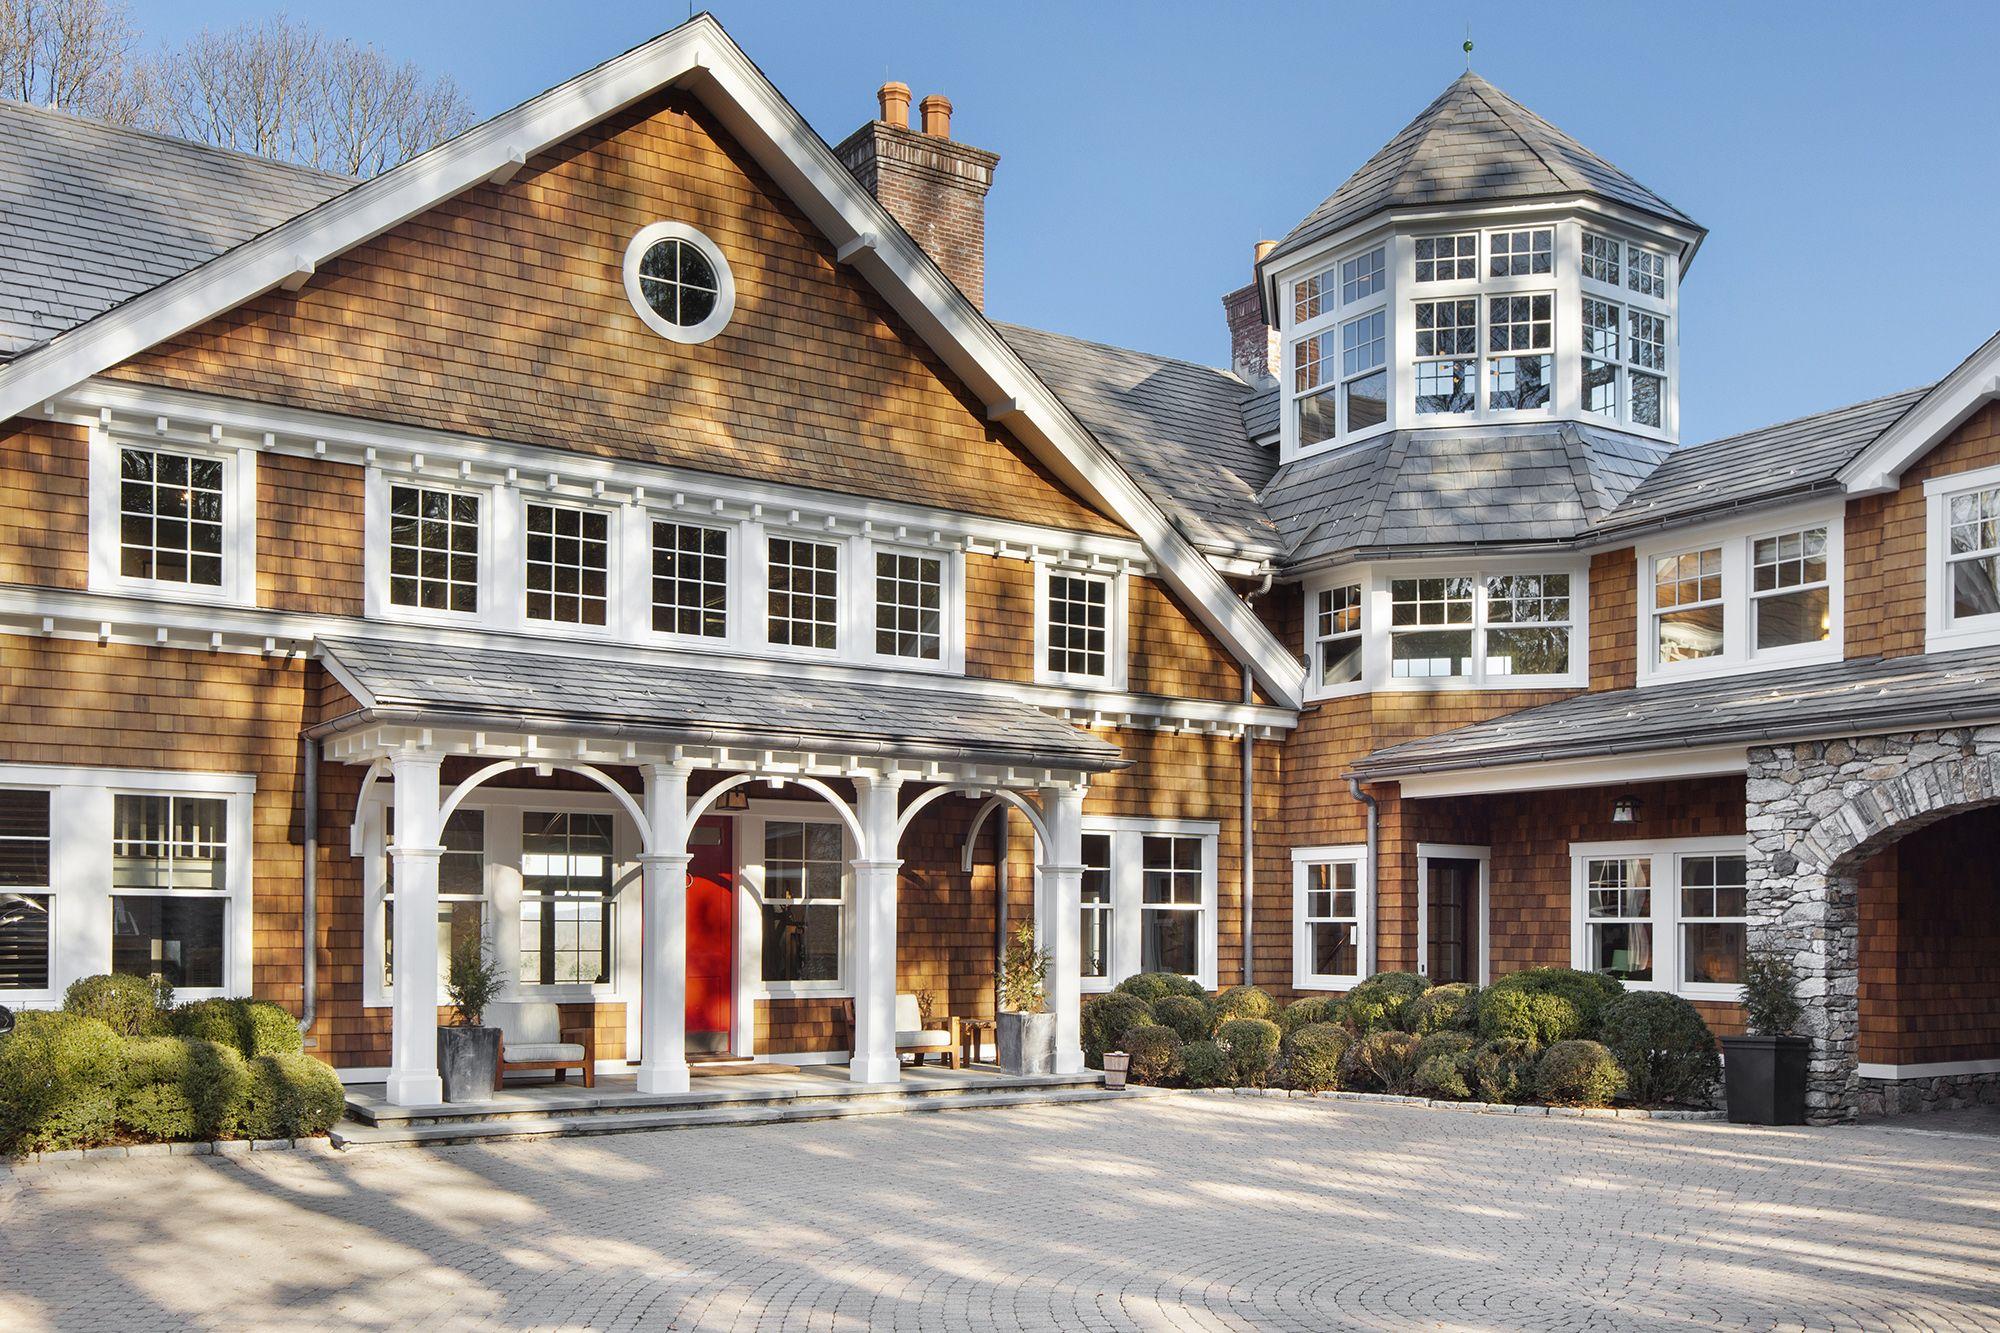 Casa de Bruce Willis en Bedford Corners